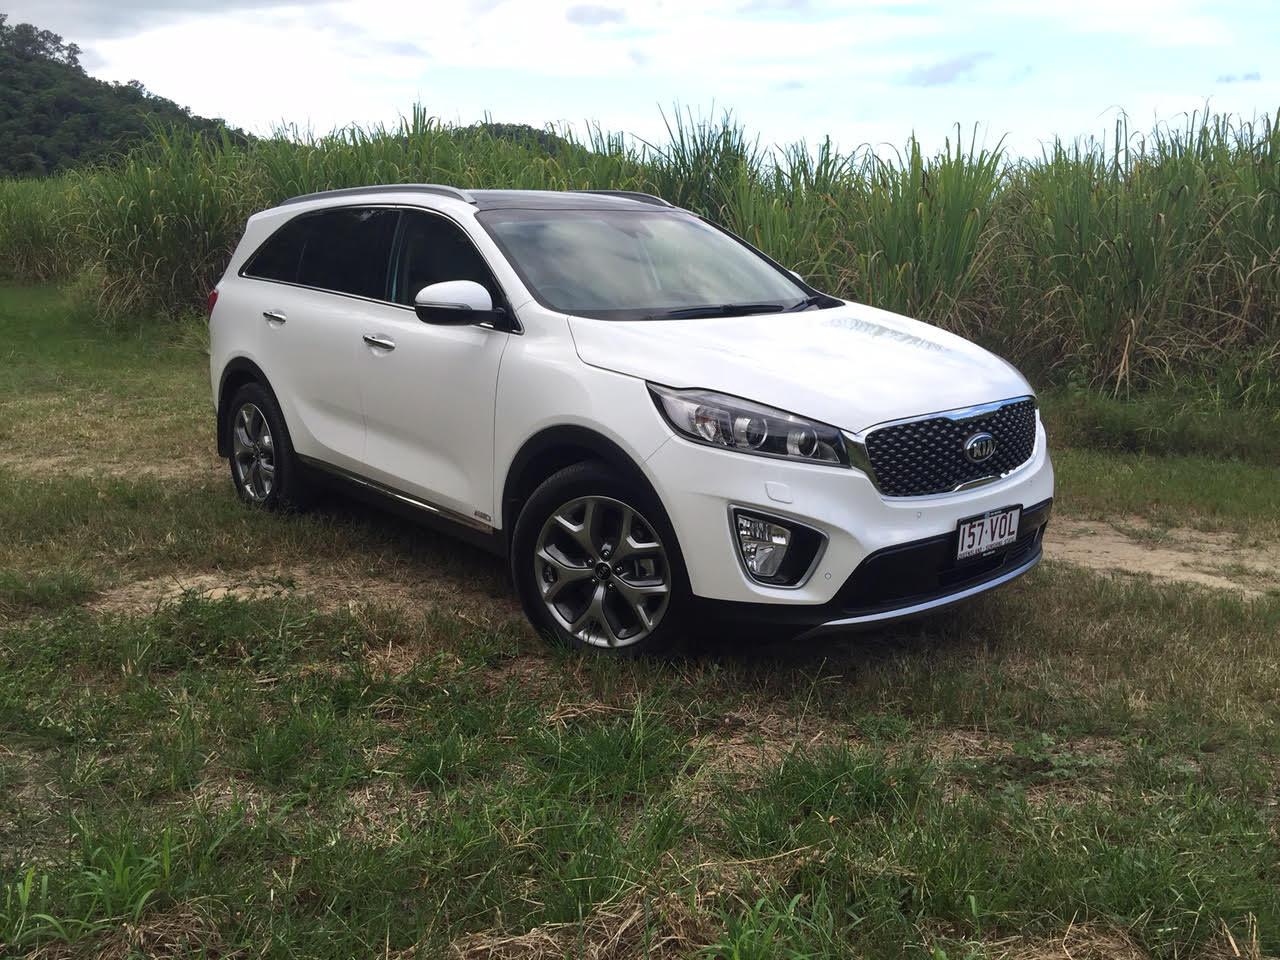 exterior kia review engine new redesign interior car specs changes price sorento reviews usa